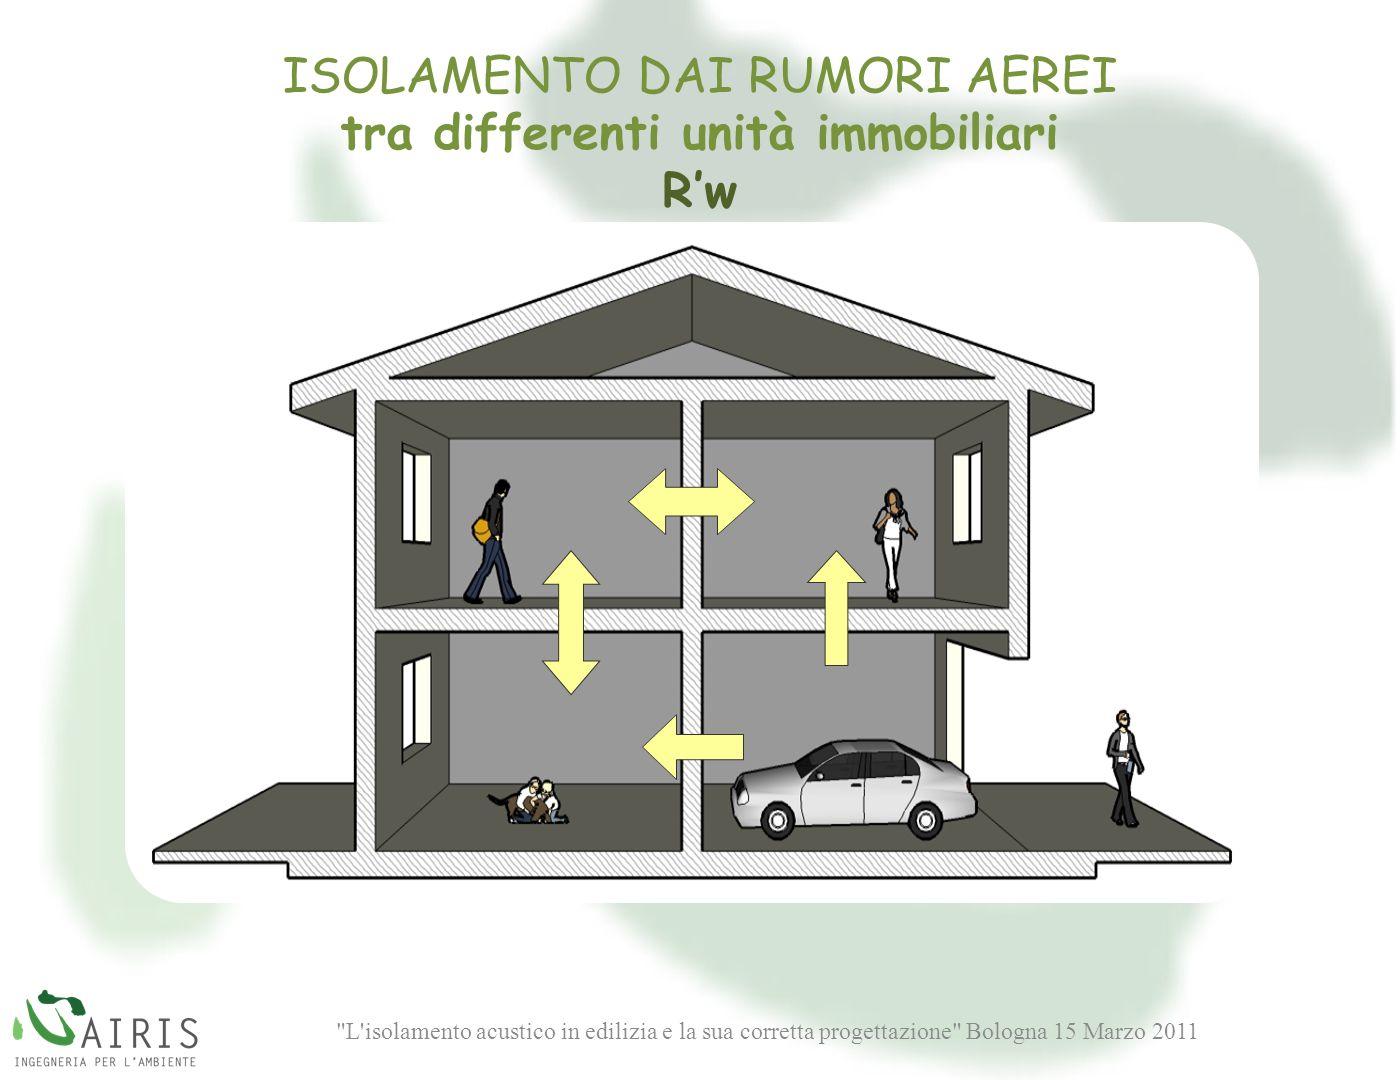 L isolamento acustico in edilizia e la sua corretta progettazione Bologna 15 Marzo 2011 ISOLAMENTO DAI RUMORI AEREI tra differenti unità immobiliari Rw